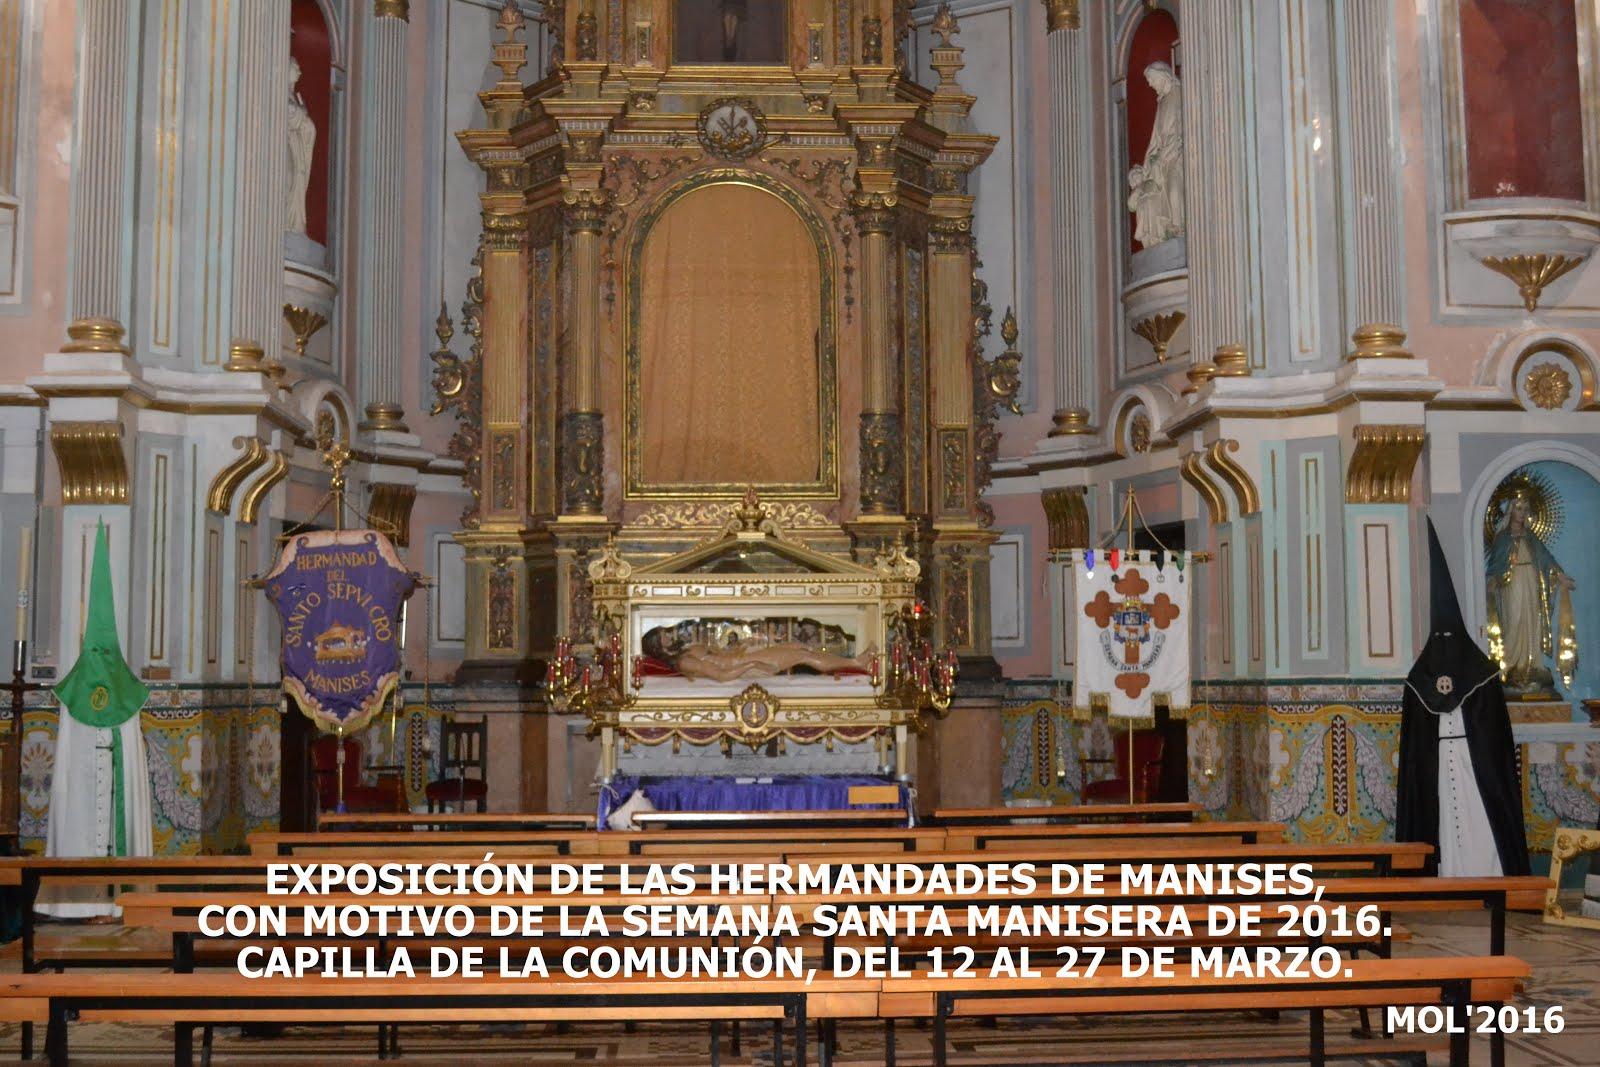 12.03.16 EXPOSICIÓN DE LA JUNTA DE HERMANDADES DE LA SEMANA SANTA MANISERA